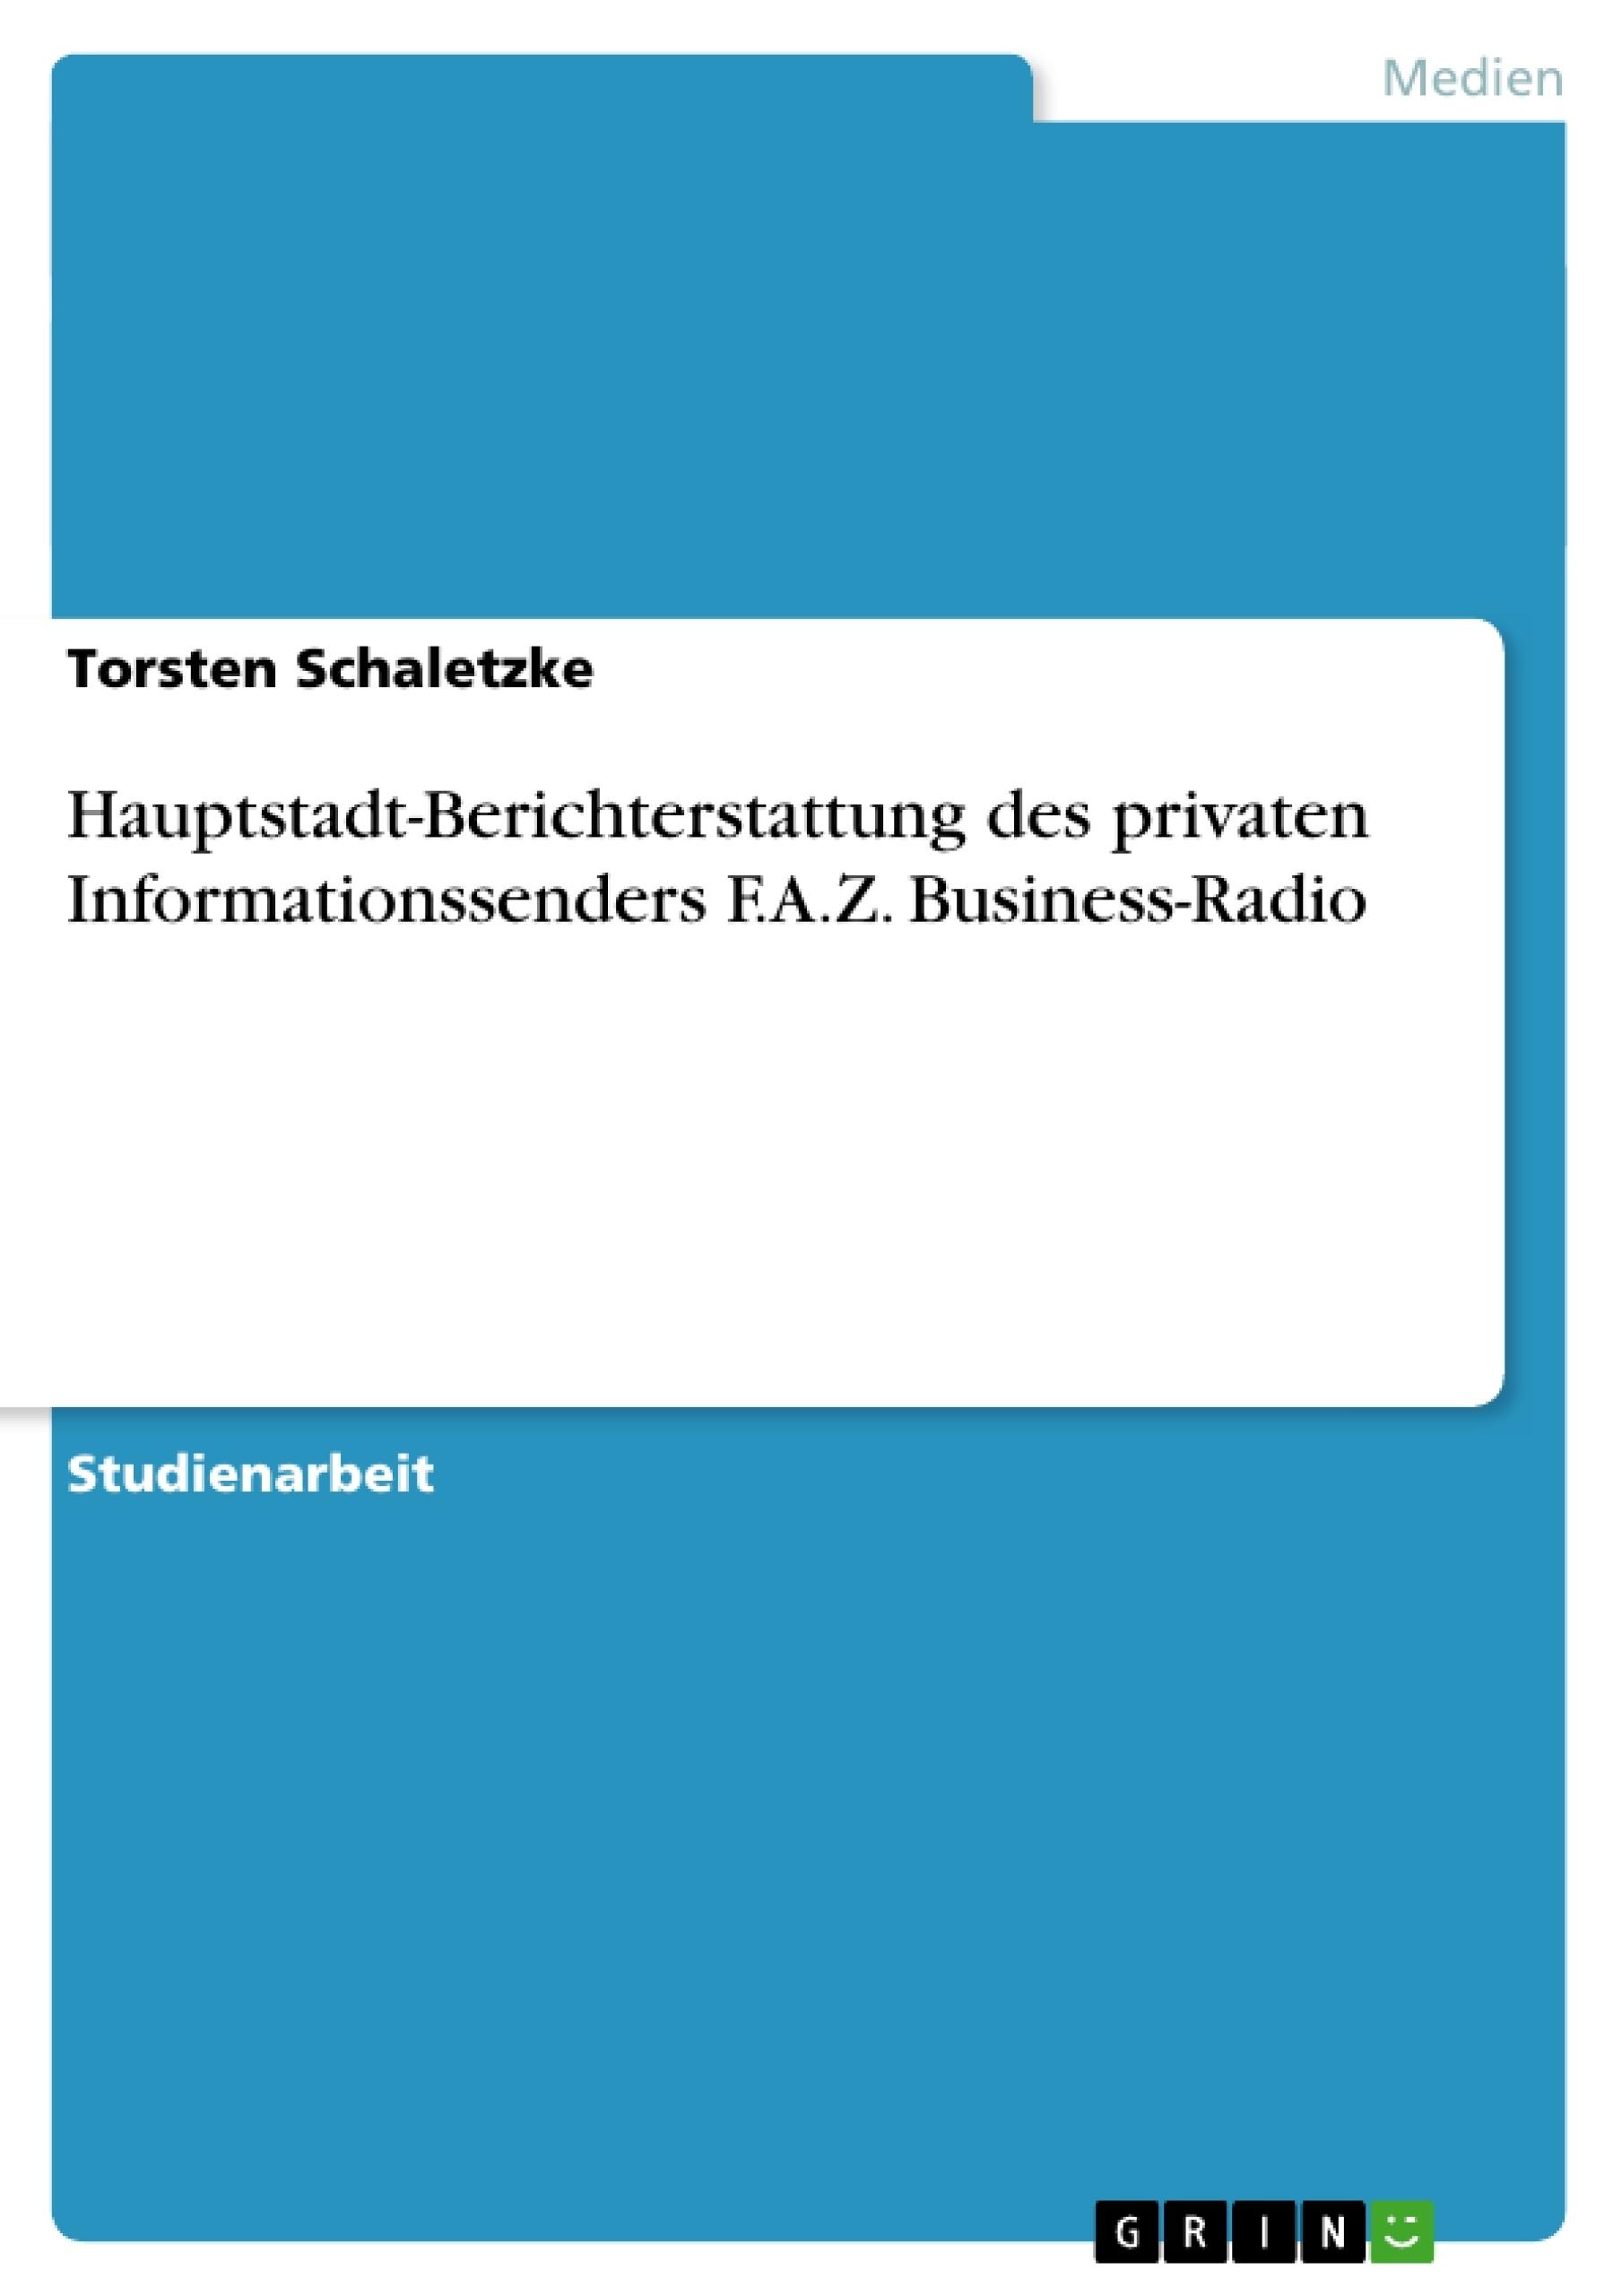 Titel: Hauptstadt-Berichterstattung des privaten Informationssenders F.A.Z. Business-Radio